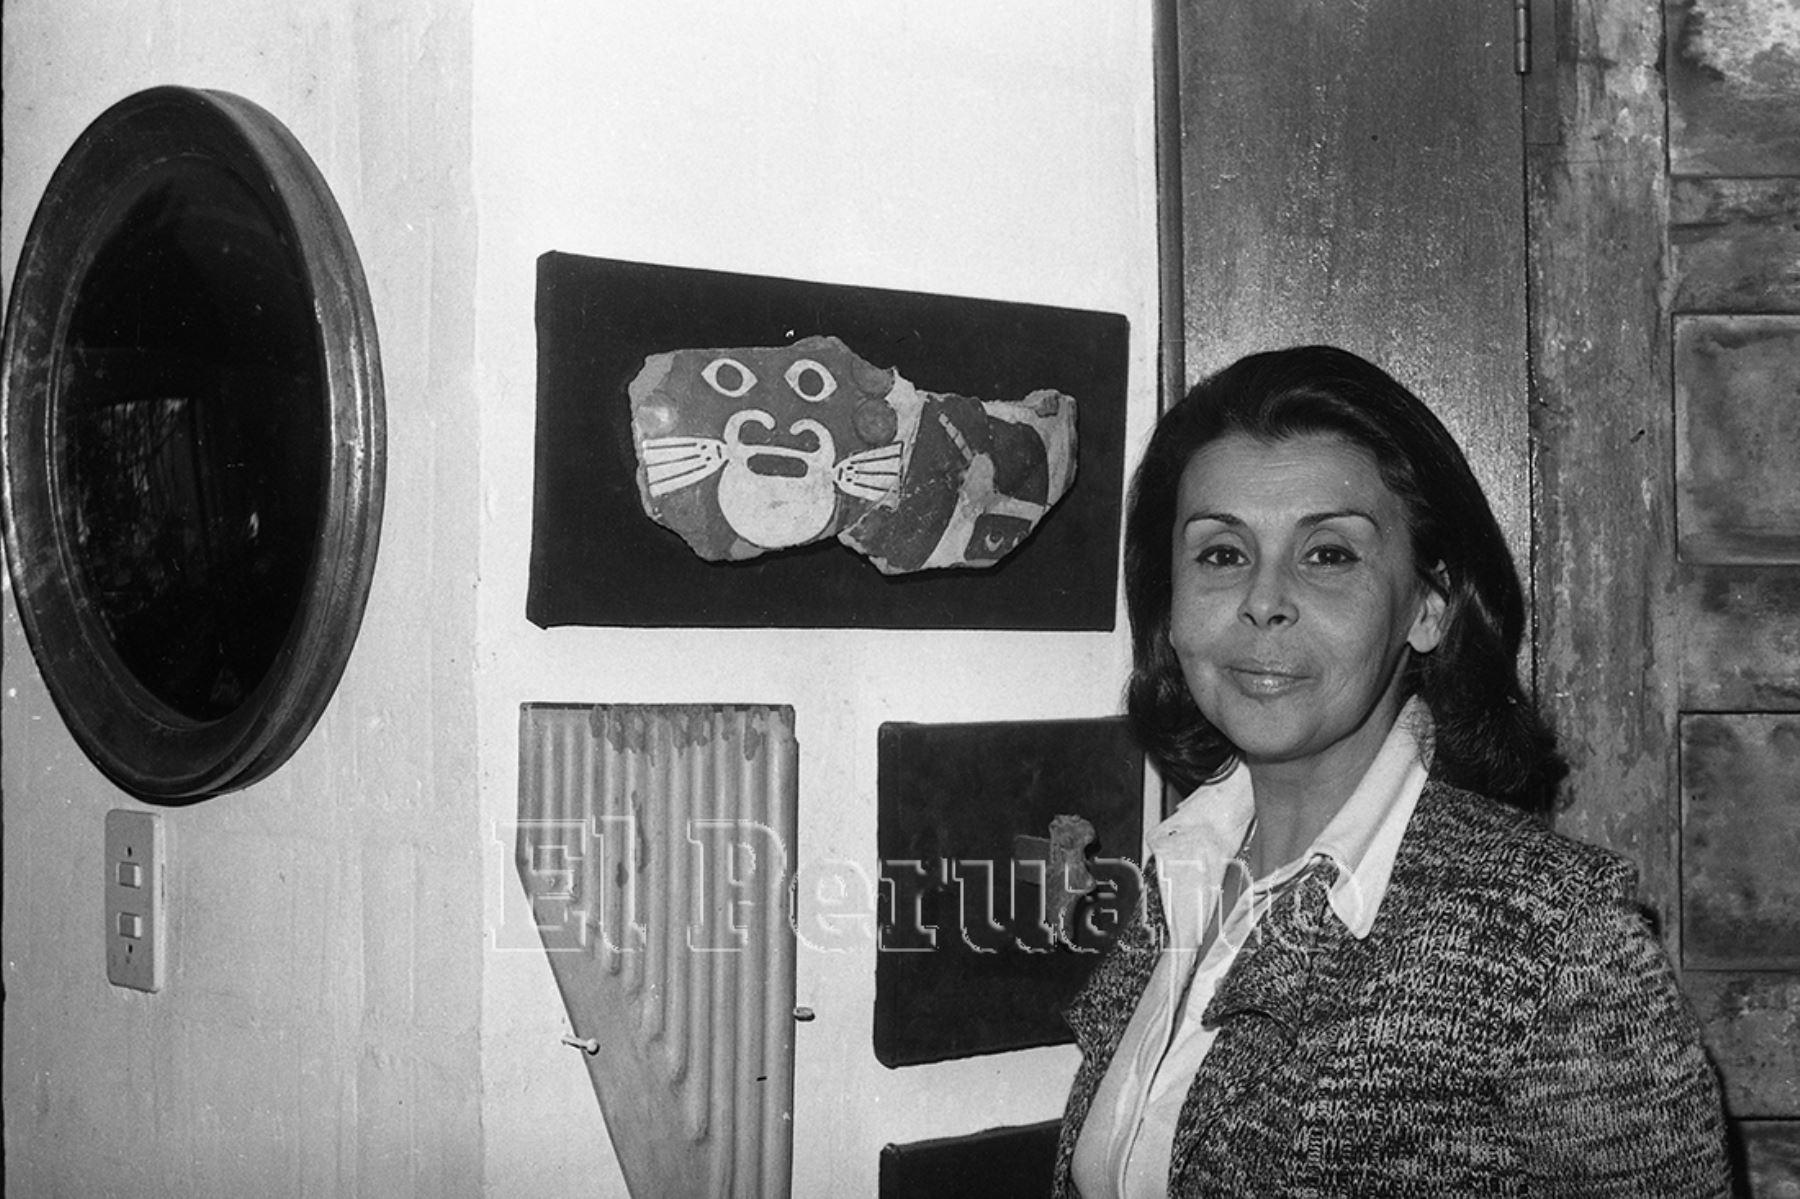 Lima - 5 julio 1975. Entrevista a la poeta Blanca Varela para suplemento Mundial de La Crónica. Foto: Archivo diario El Peruano